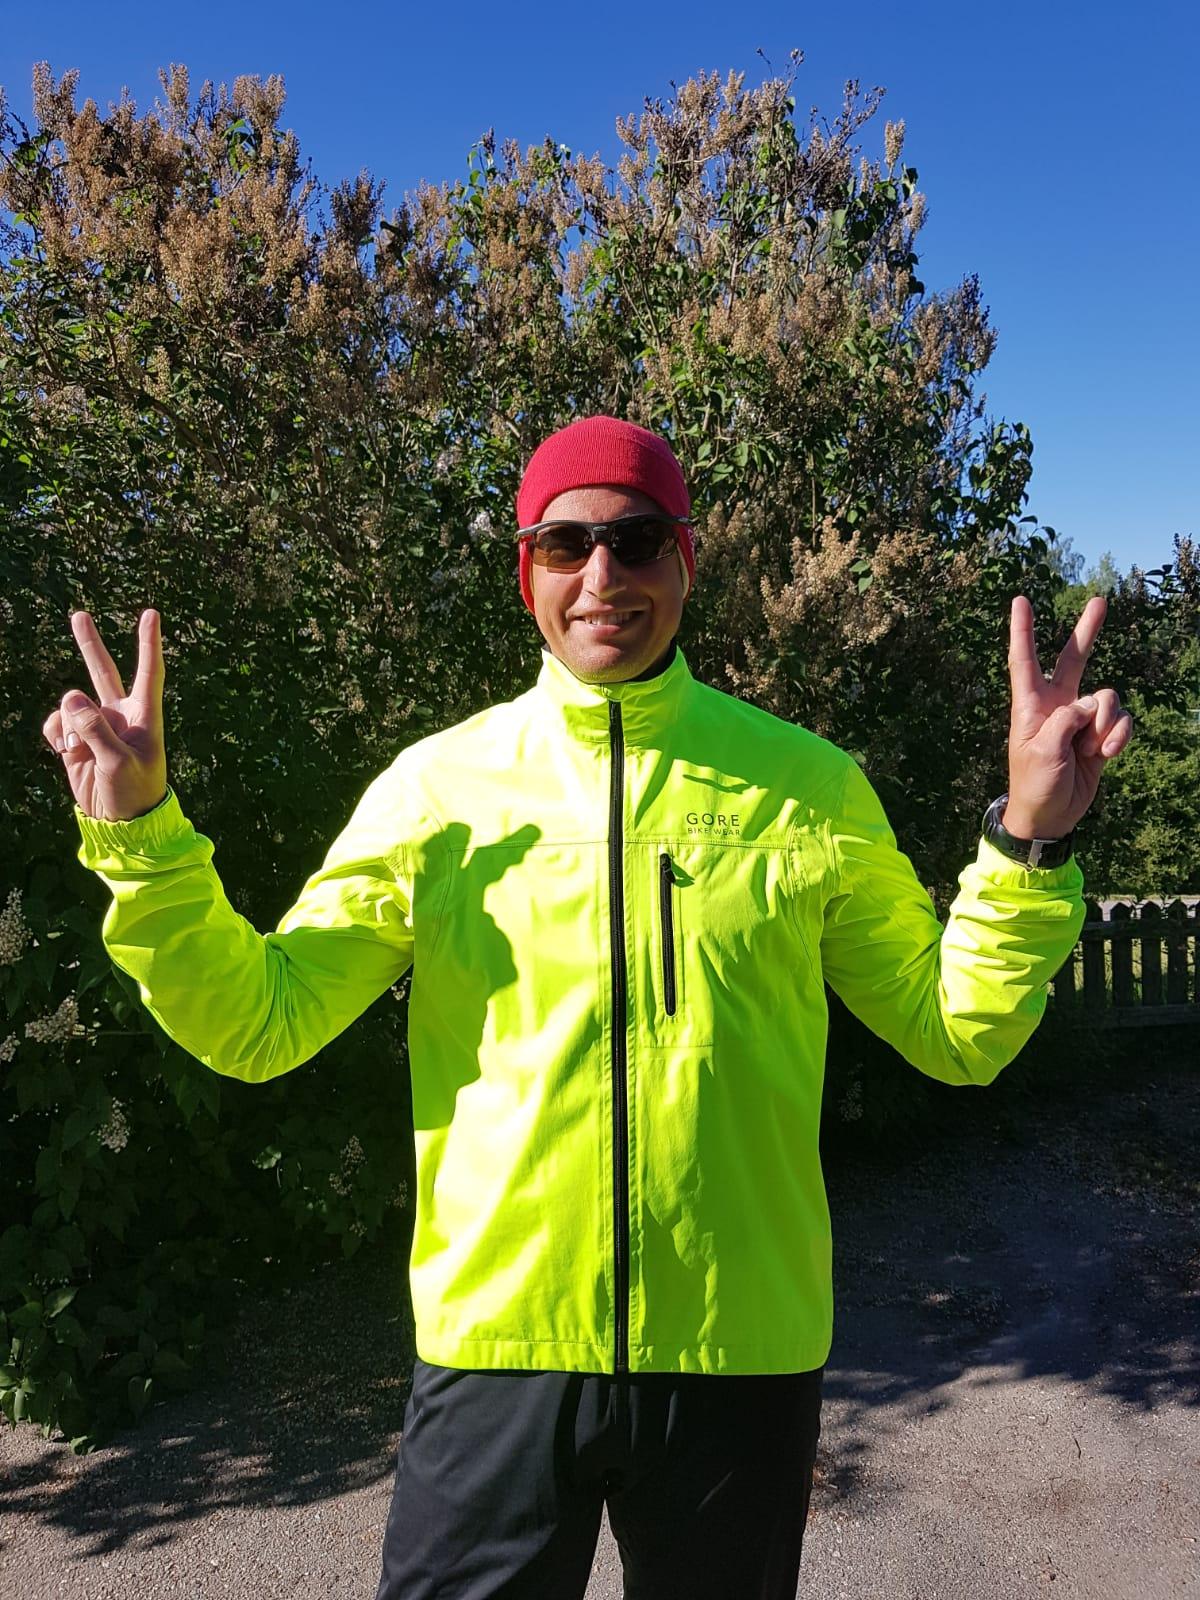 Peter Wallin värmeadapterar inför Stockholm maraton